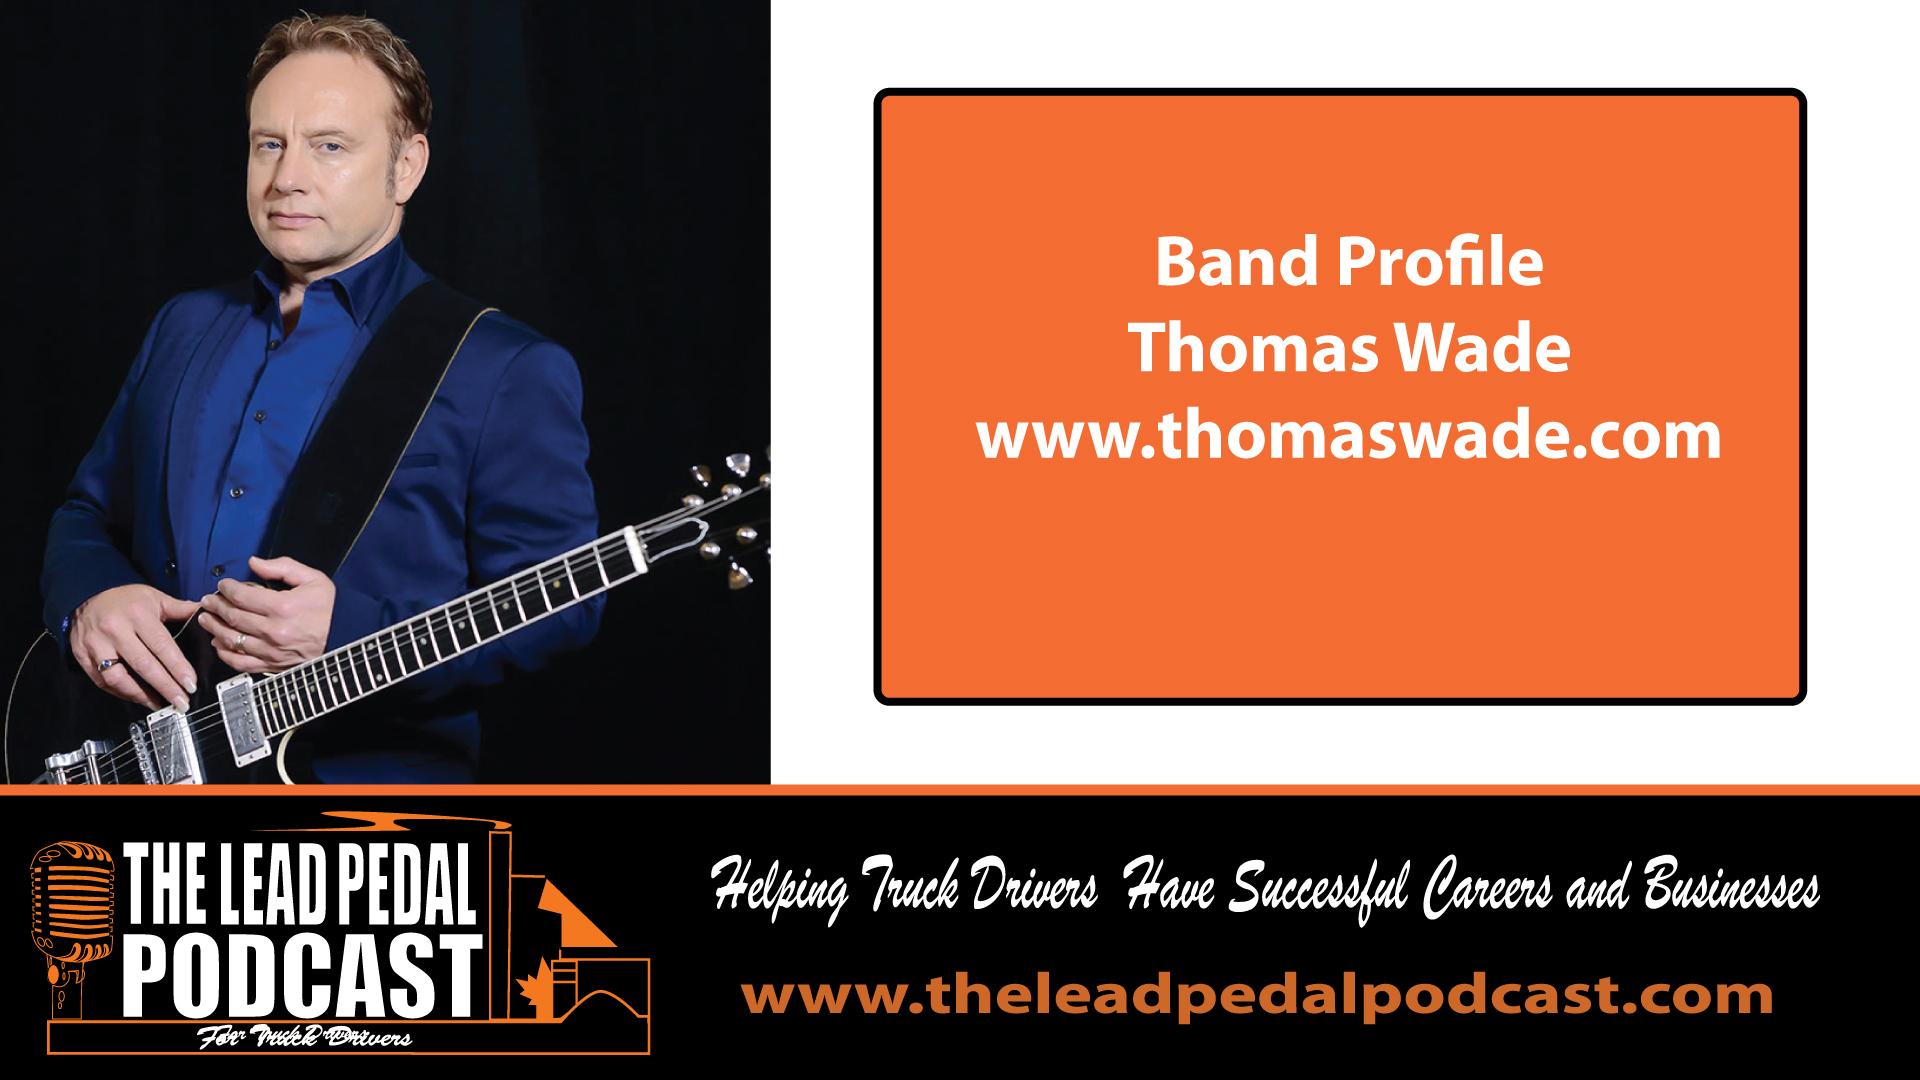 Thomas Wade